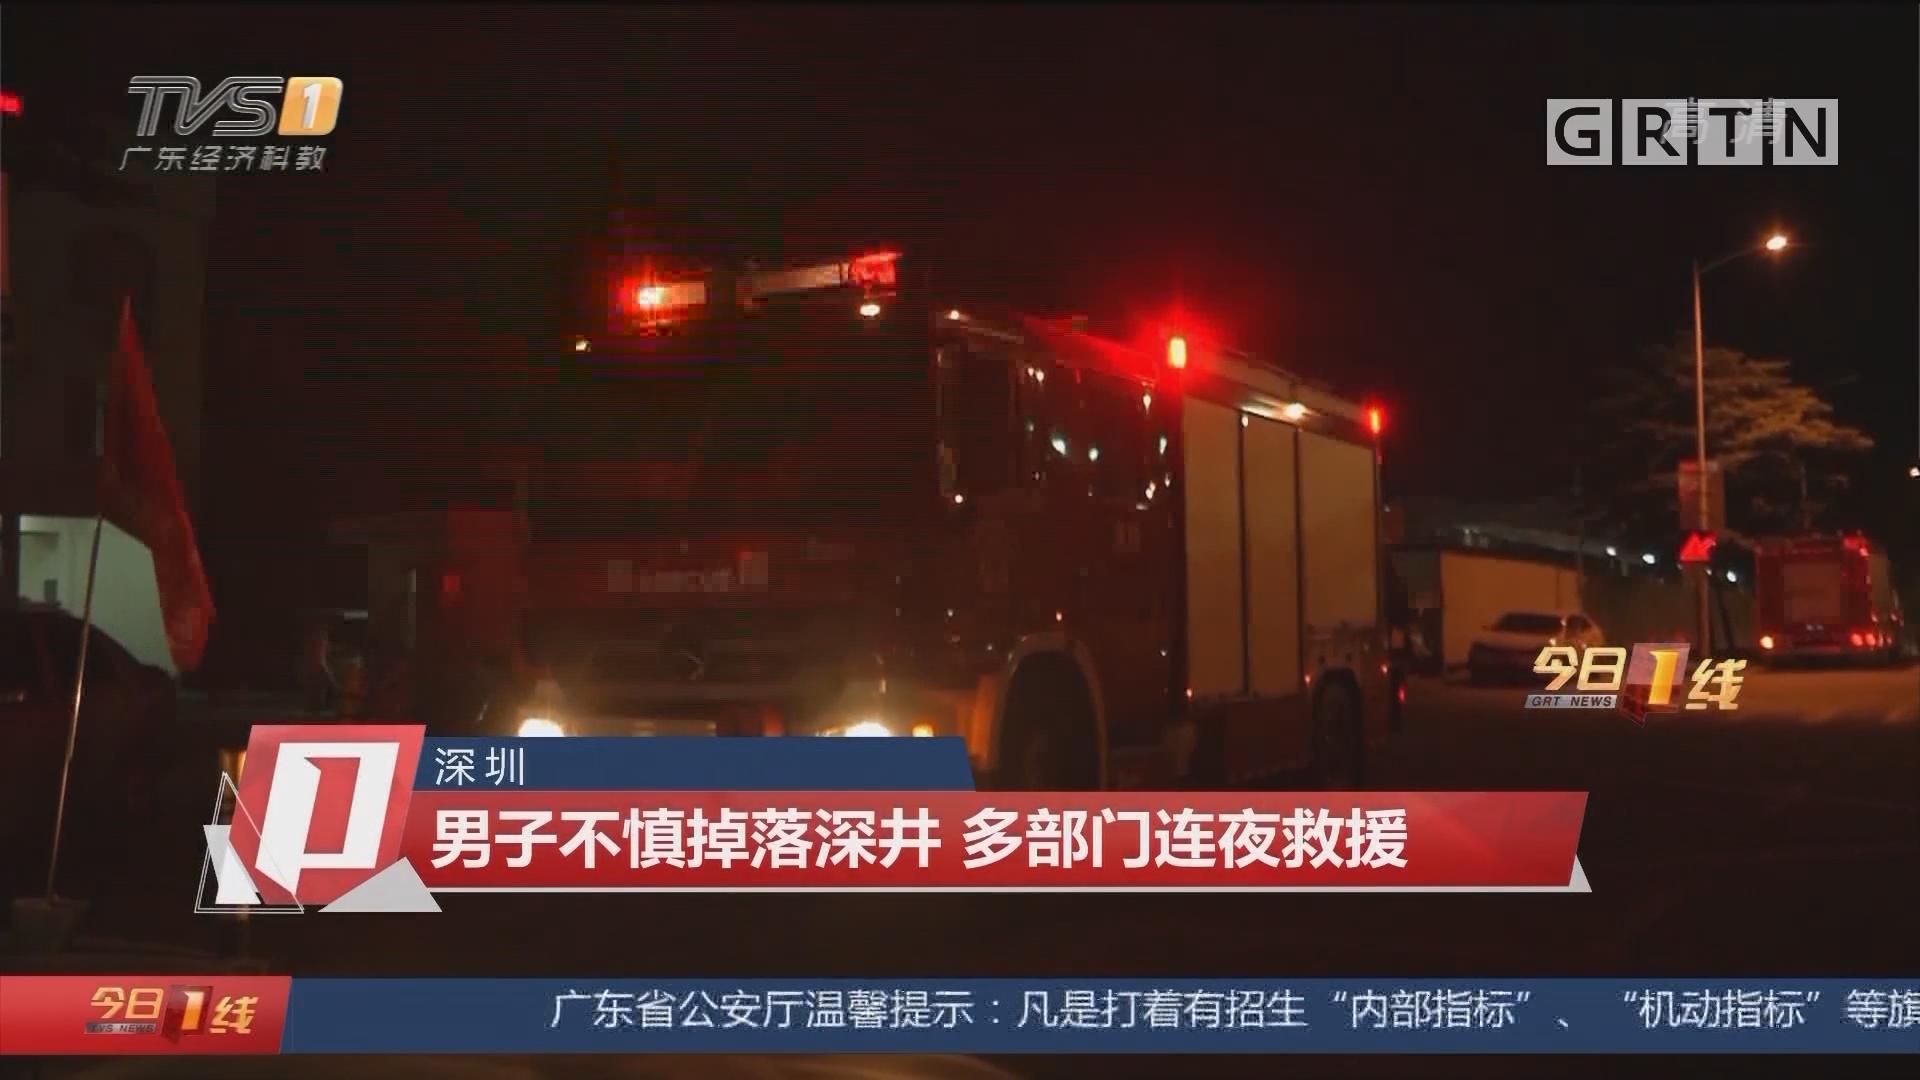 深圳:男子不慎掉落深井 多部门连夜救援